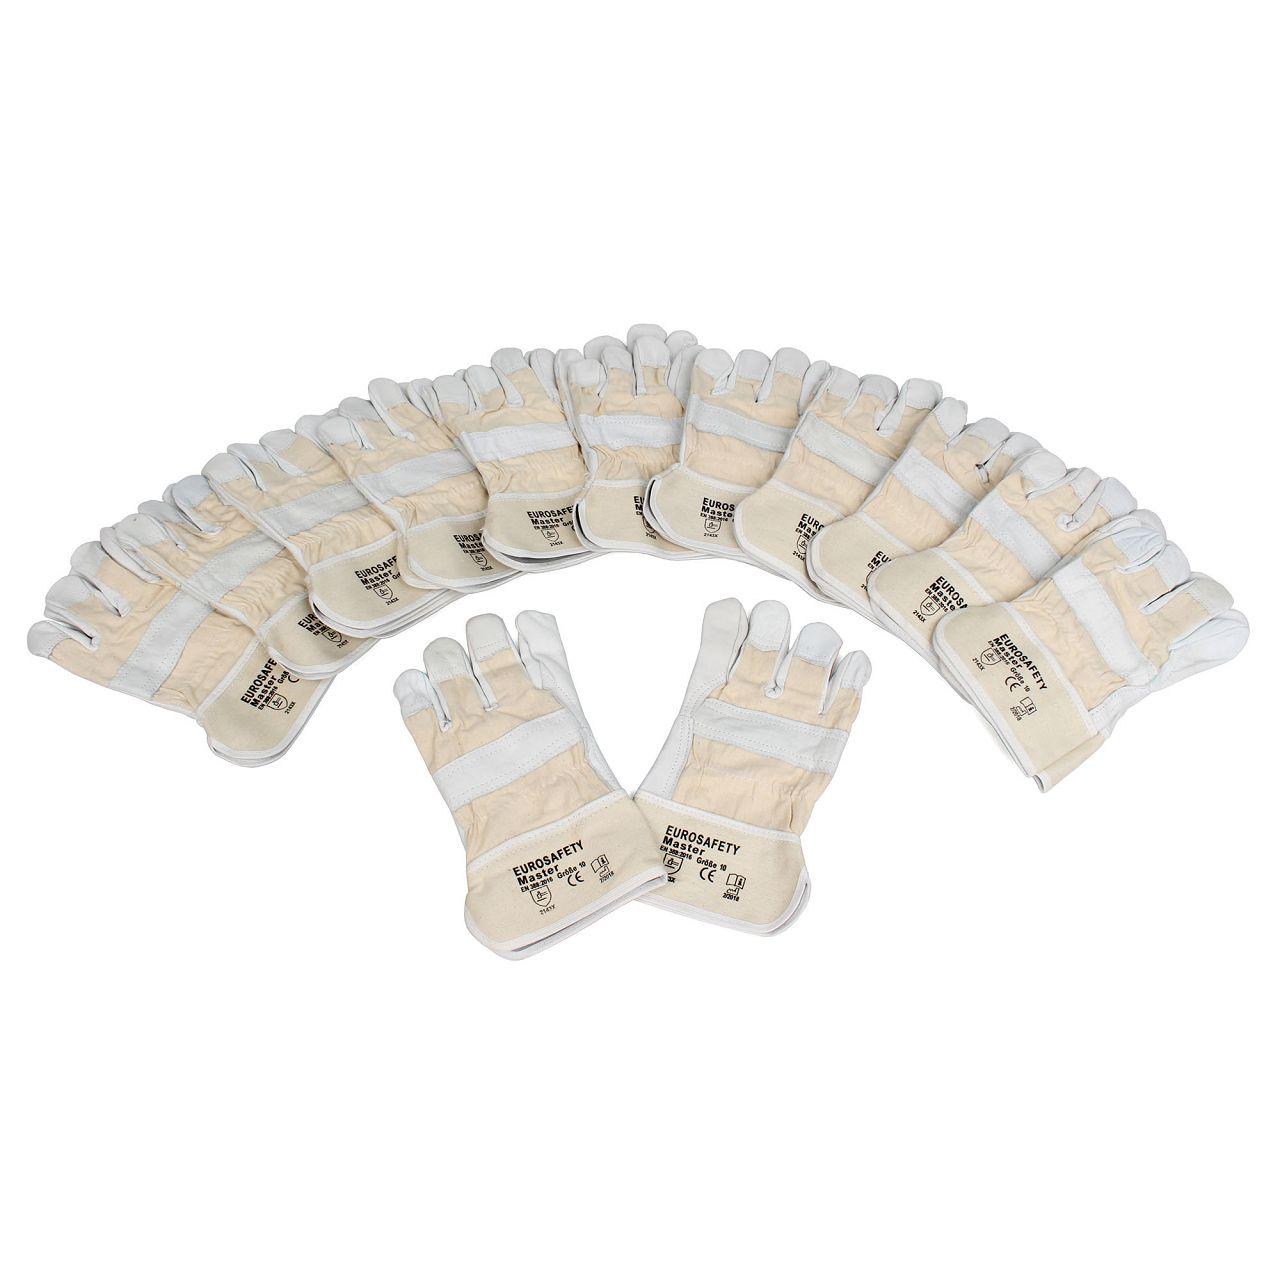 Rindnarbenleder-Handschuhe Arbeitshandschuhe GRAU - Größe 10 / XL (12 Paar)